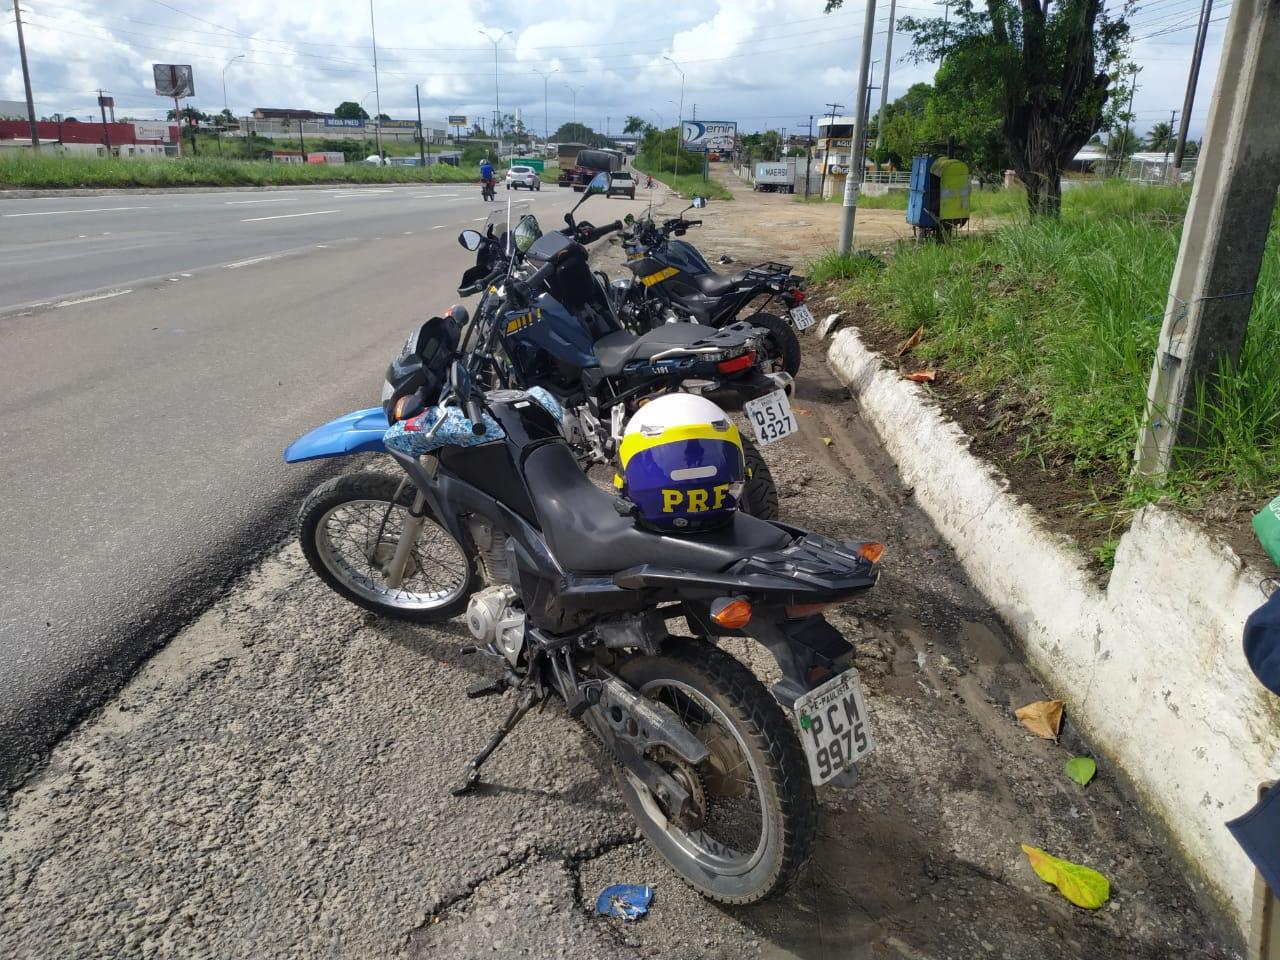 WhatsApp Image 2020 04 30 at 14.47.03 - PRF na Paraíba recupera moto roubada em João Pessoa há um ano